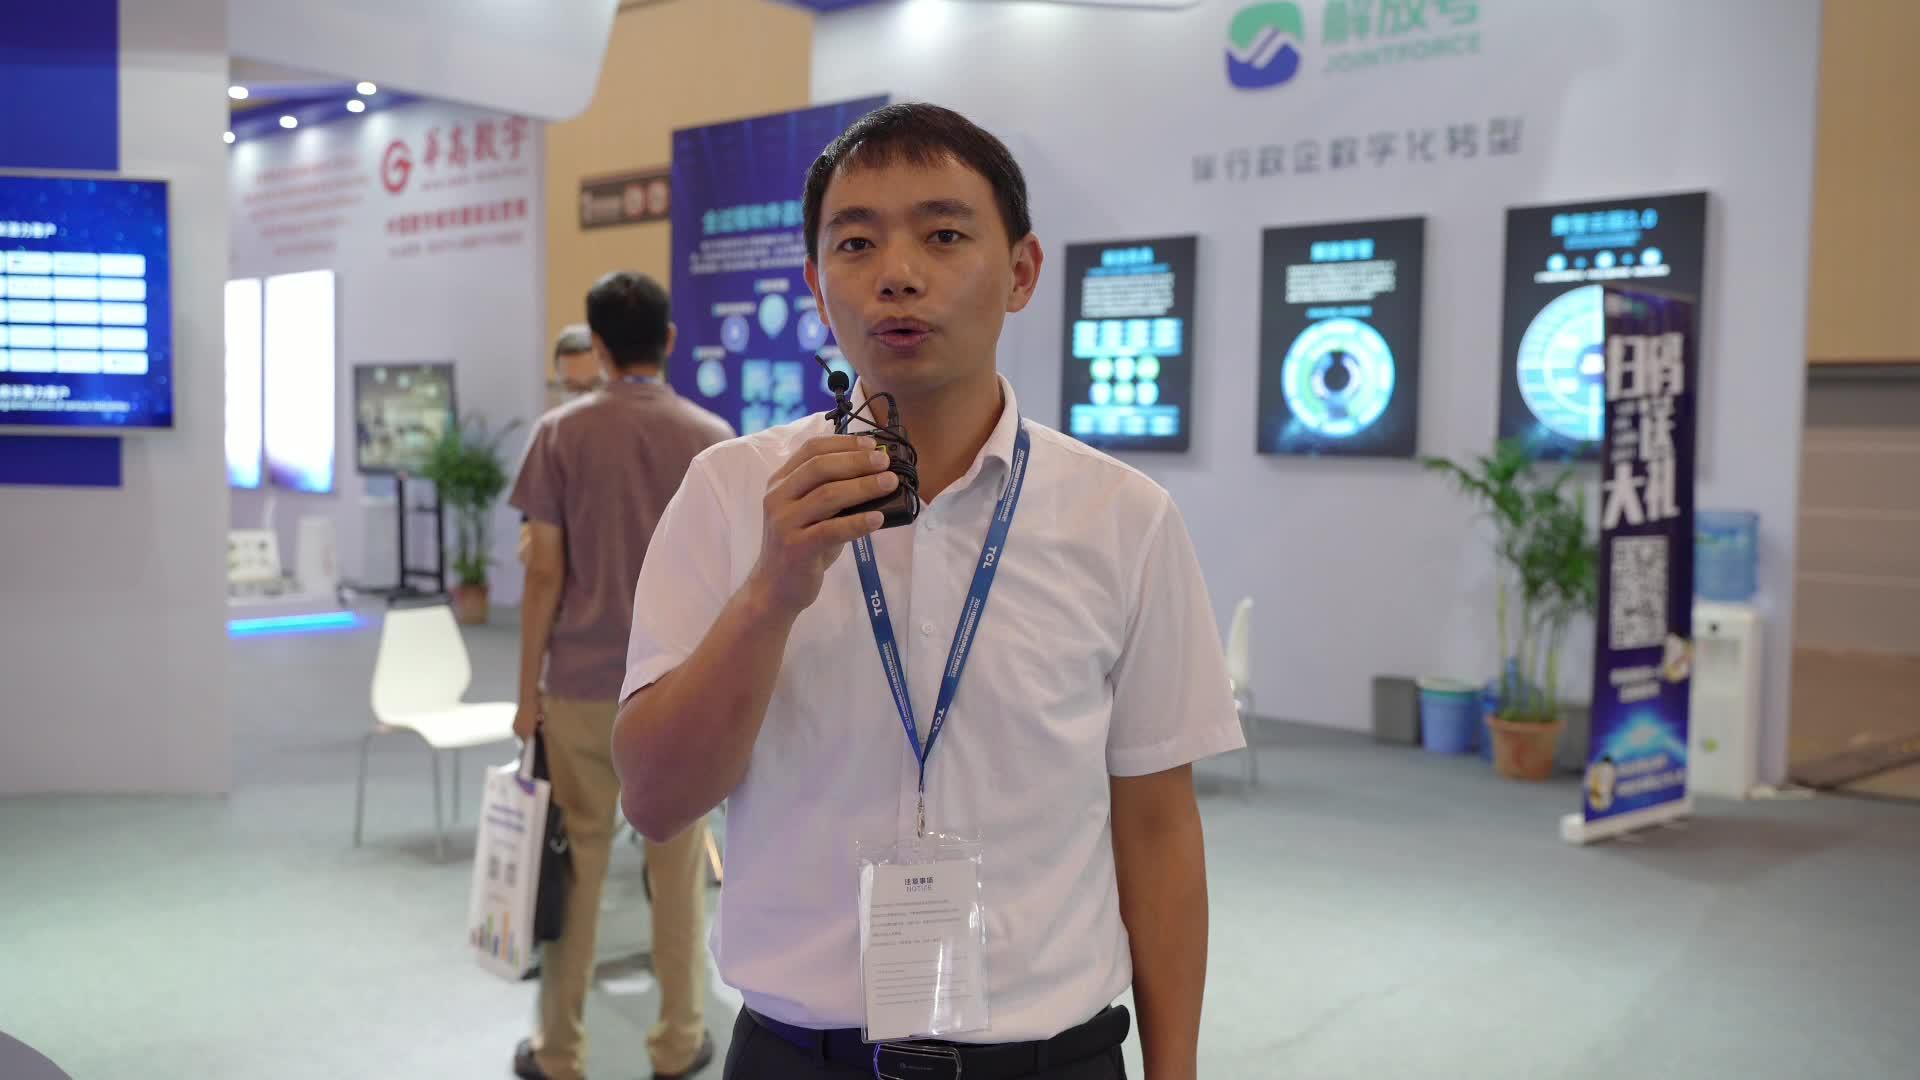 CICE2021|中软国际「解放号」码智护航 打造一站式云服务平台